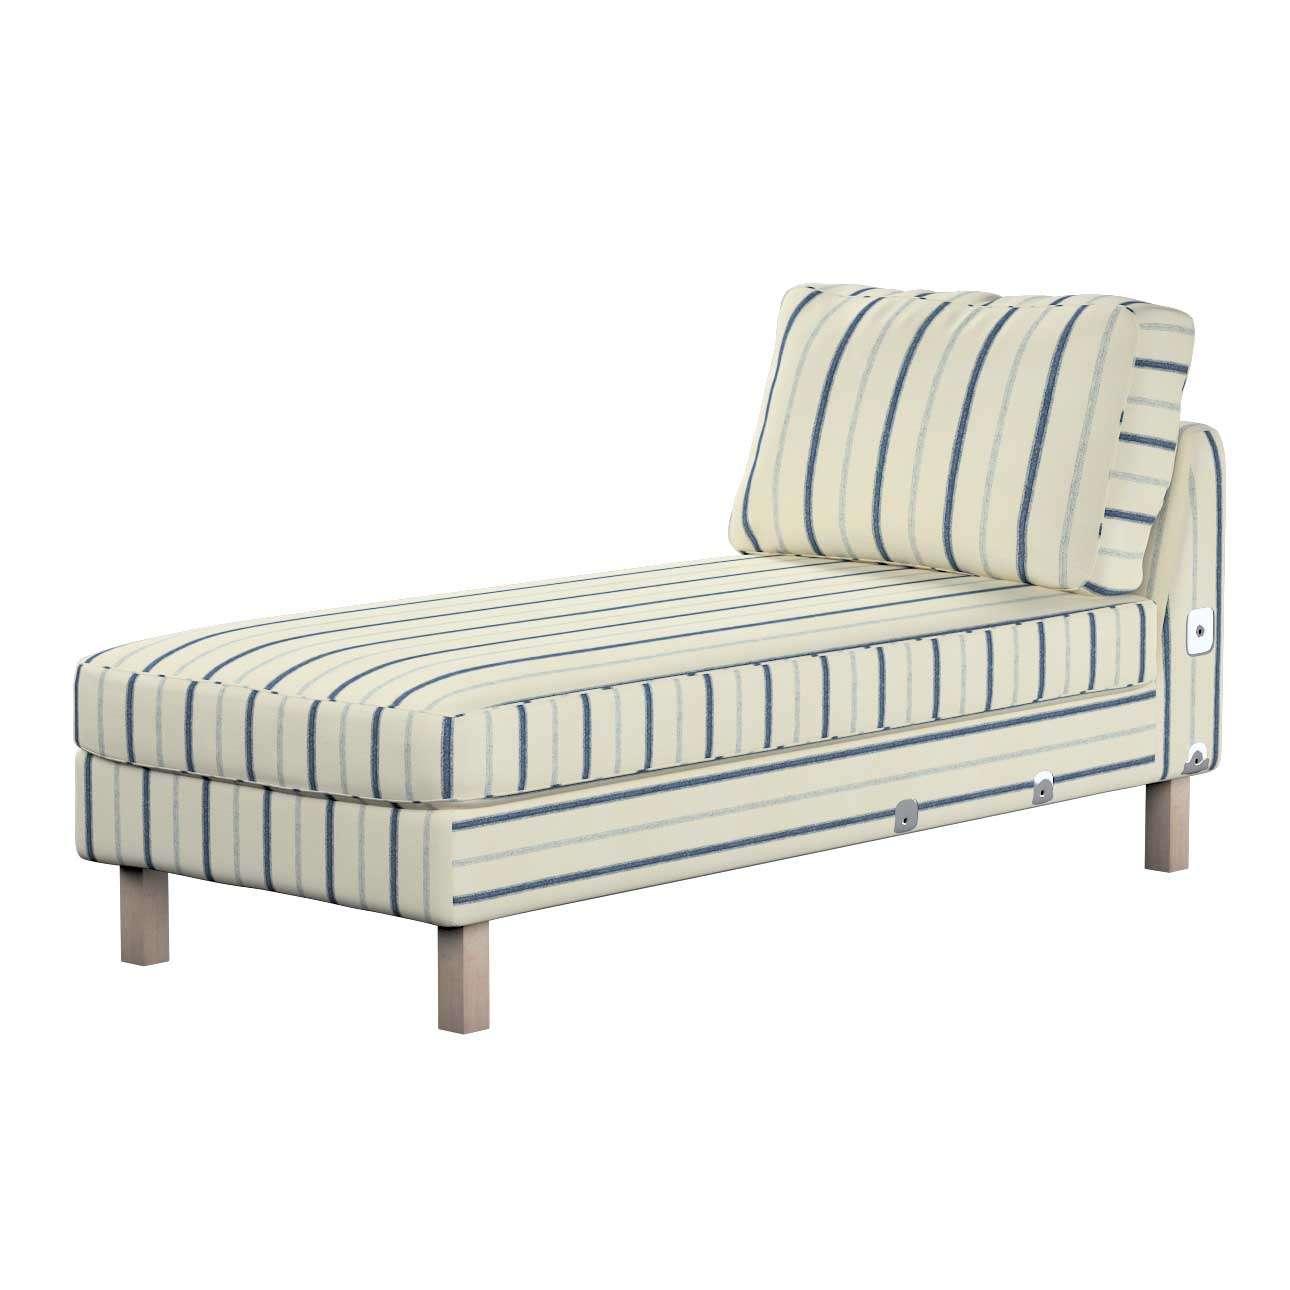 KARSLTAD sofos gulimojo krėslo užvalkalas Karlstad add-on unit cover kolekcijoje Avinon, audinys: 129-66